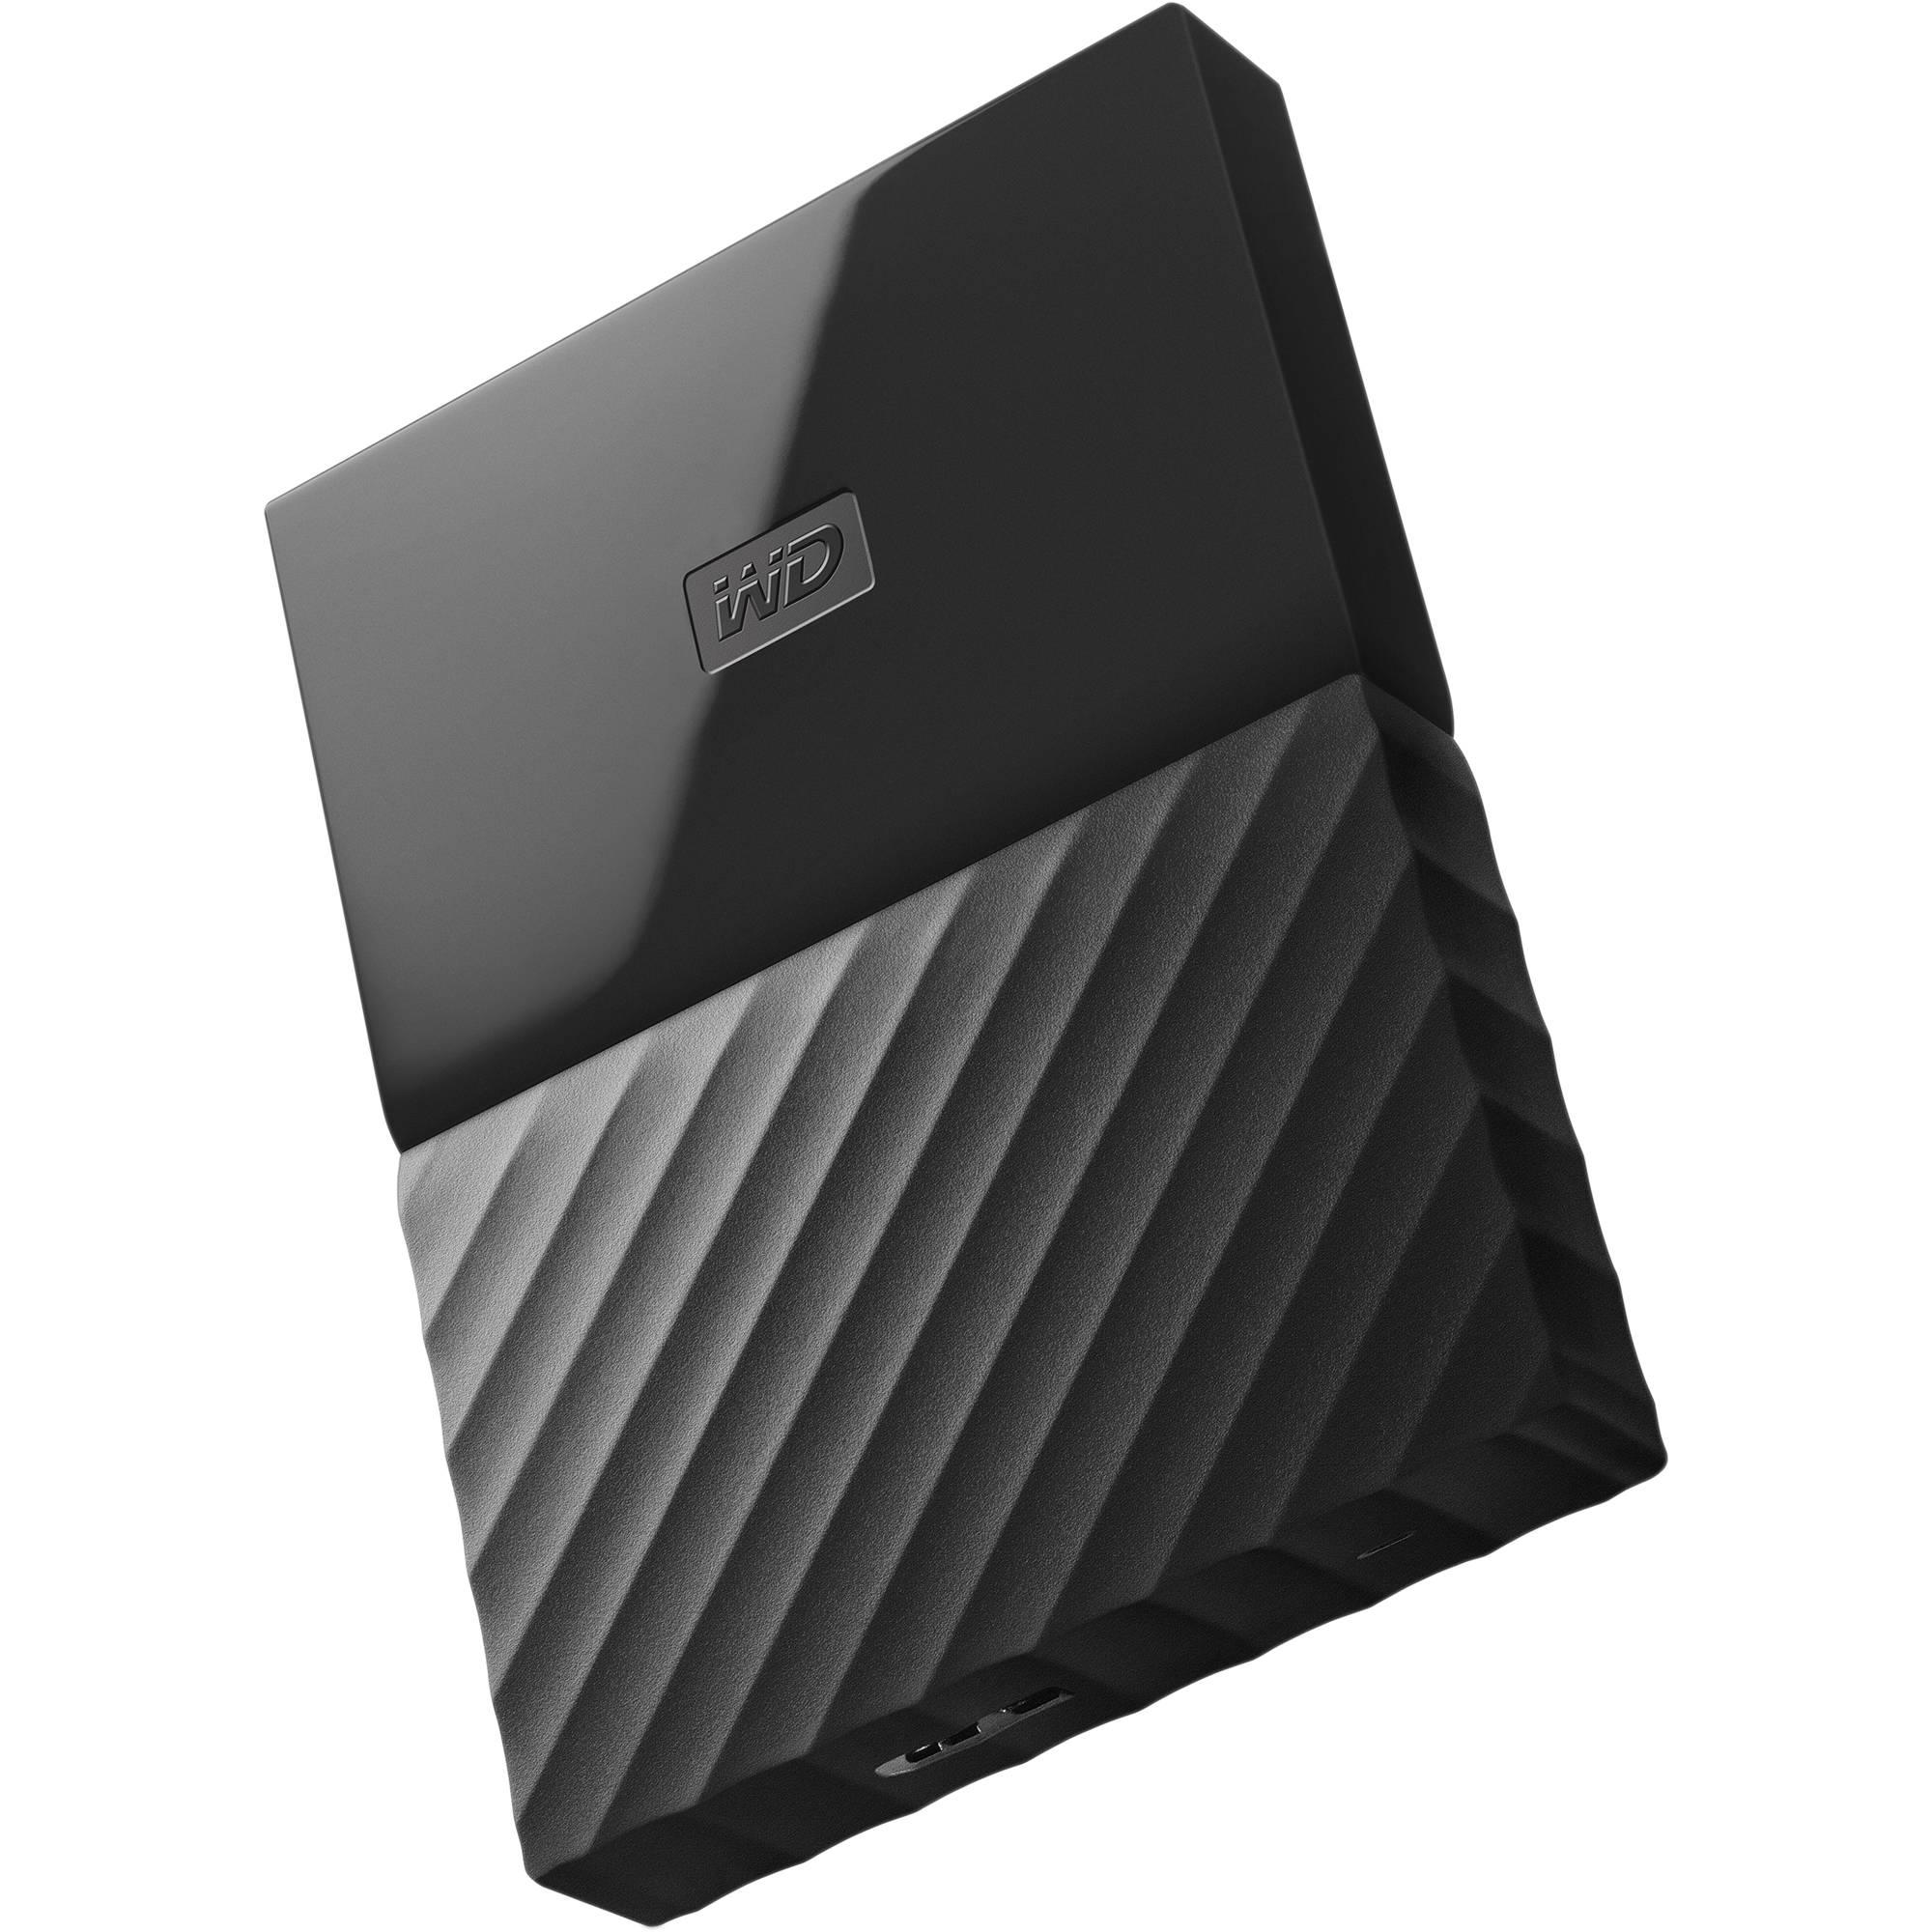 HD 1 TERRA EXTERNAL WD MY PASSPORT COLOR USB 3.0 ,External HDD